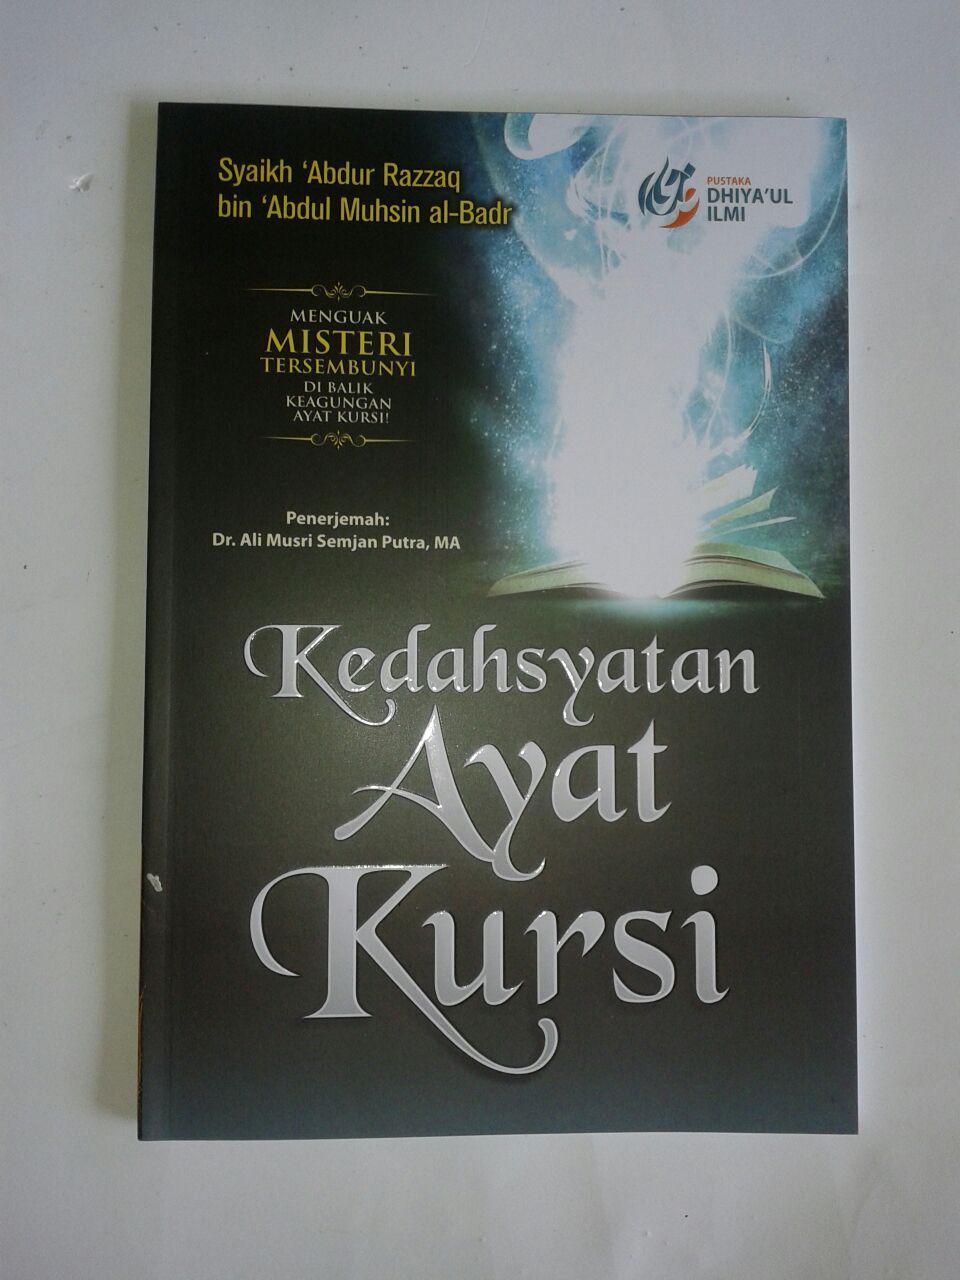 Buku Kedahsyatan Ayat Kursi Menguak Misteri Tersembunyi cover 2